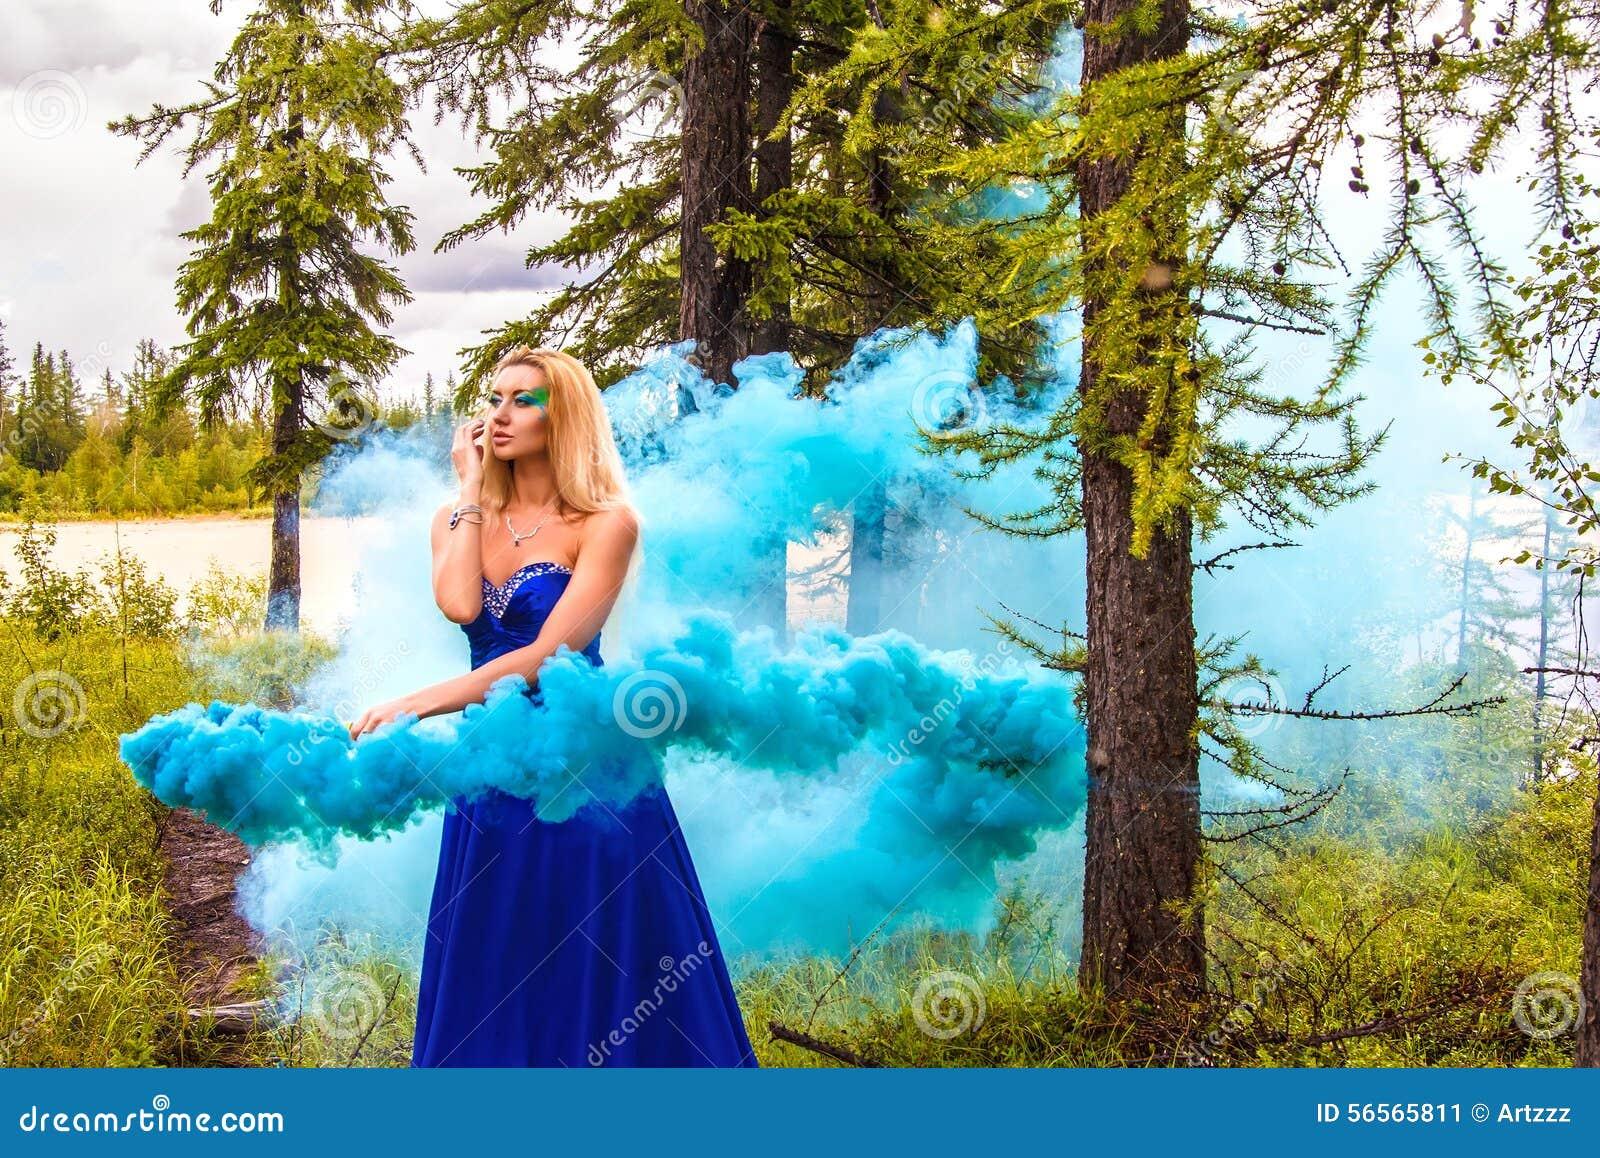 Όμορφη νέα γυναίκα σε ένα σύννεφο ενός φωτεινού μπλε καπνού